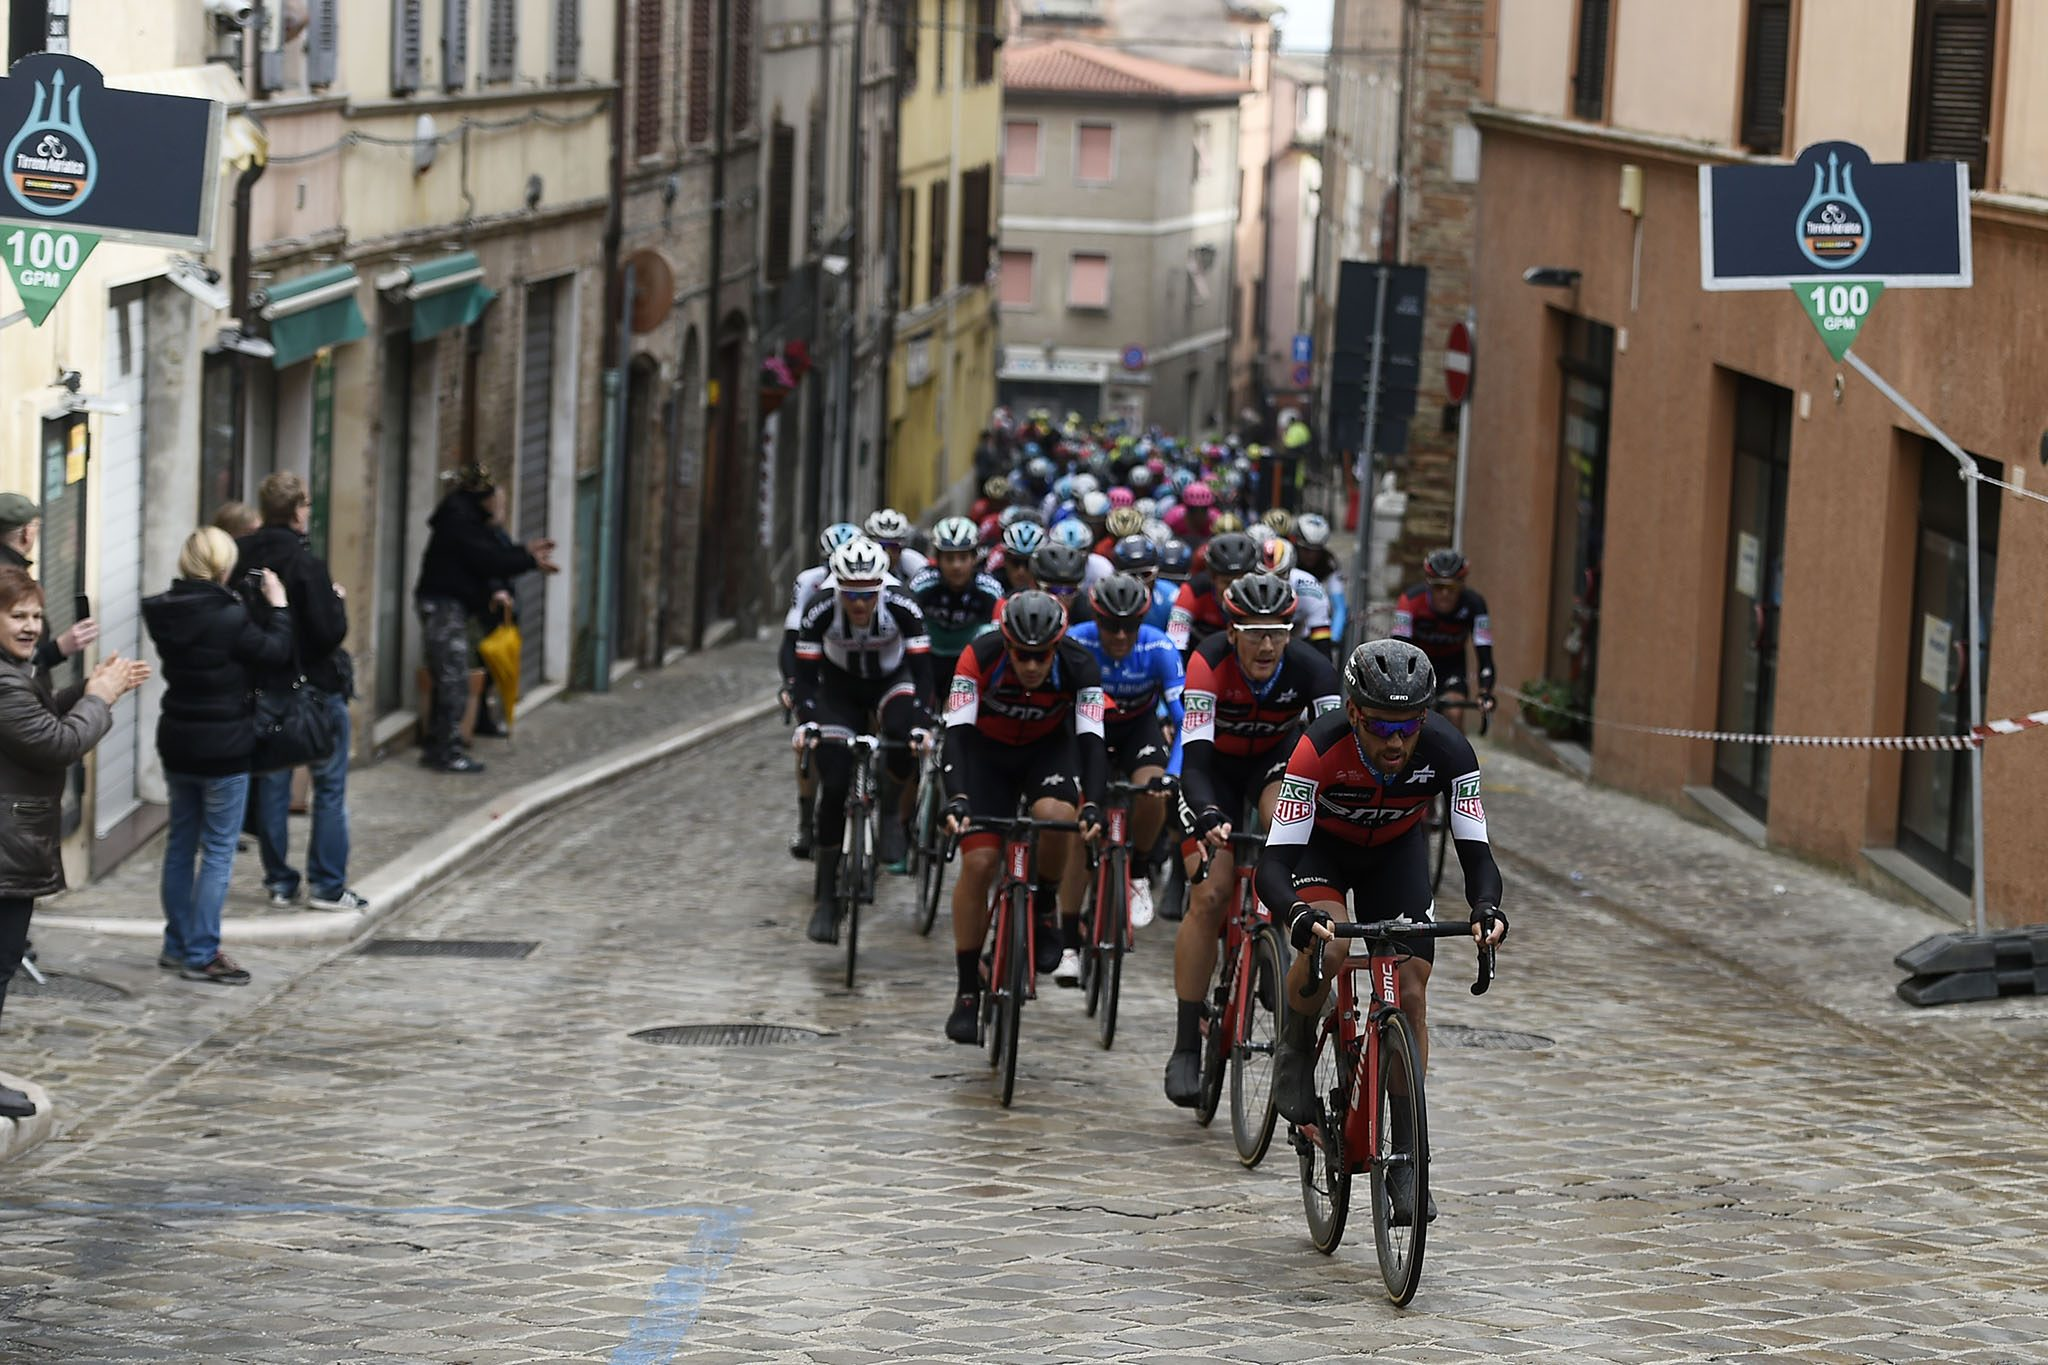 Велогонка «Тиррено — Адриатико» (Tirreno-Adriatico)